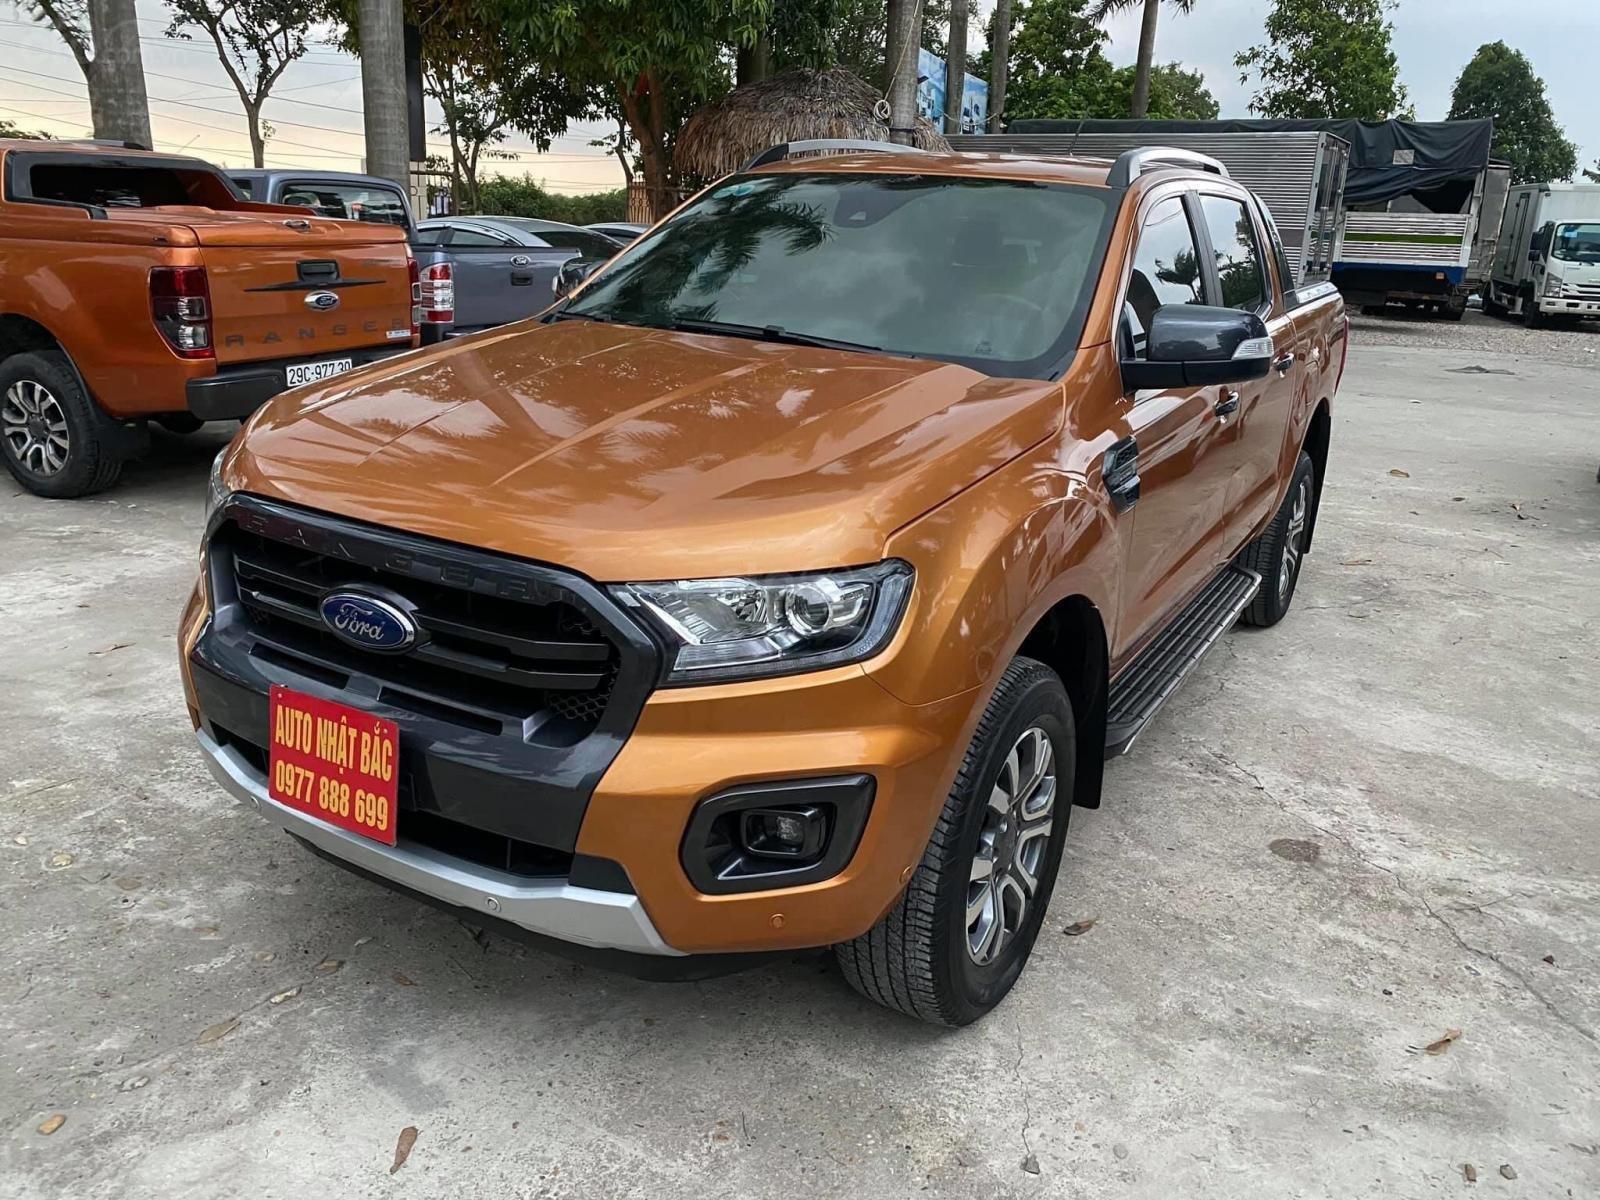 Bán xe Ford Ranger 2.0 Biturbo đời 2018, bản 2 cầu, số tự động (2)